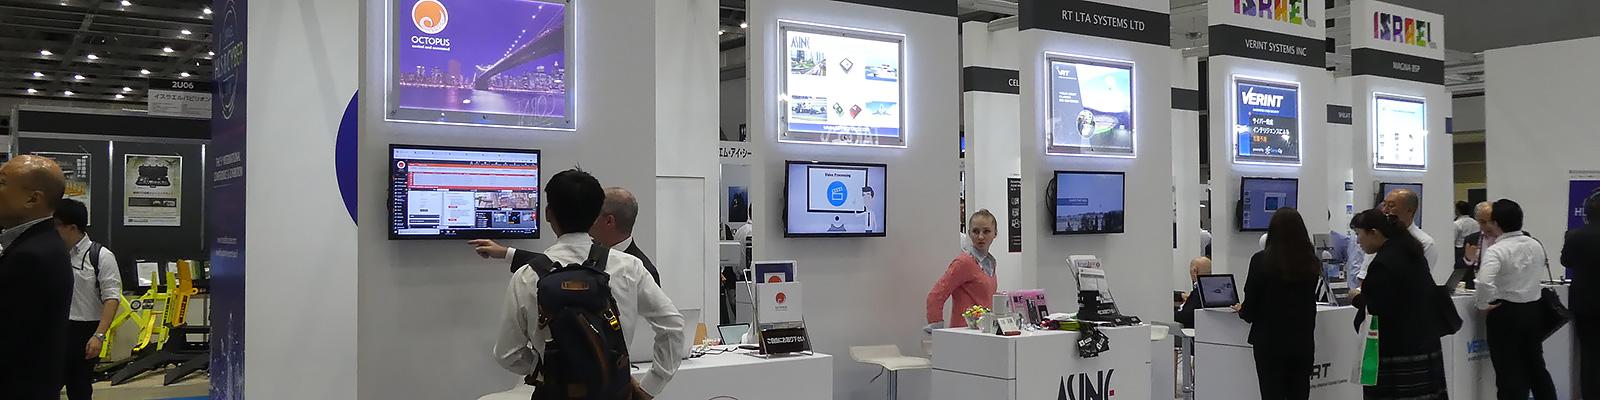 「SEECAT(テロ対策特殊装備展)」イスラエルブース参加企業に見る最新技術